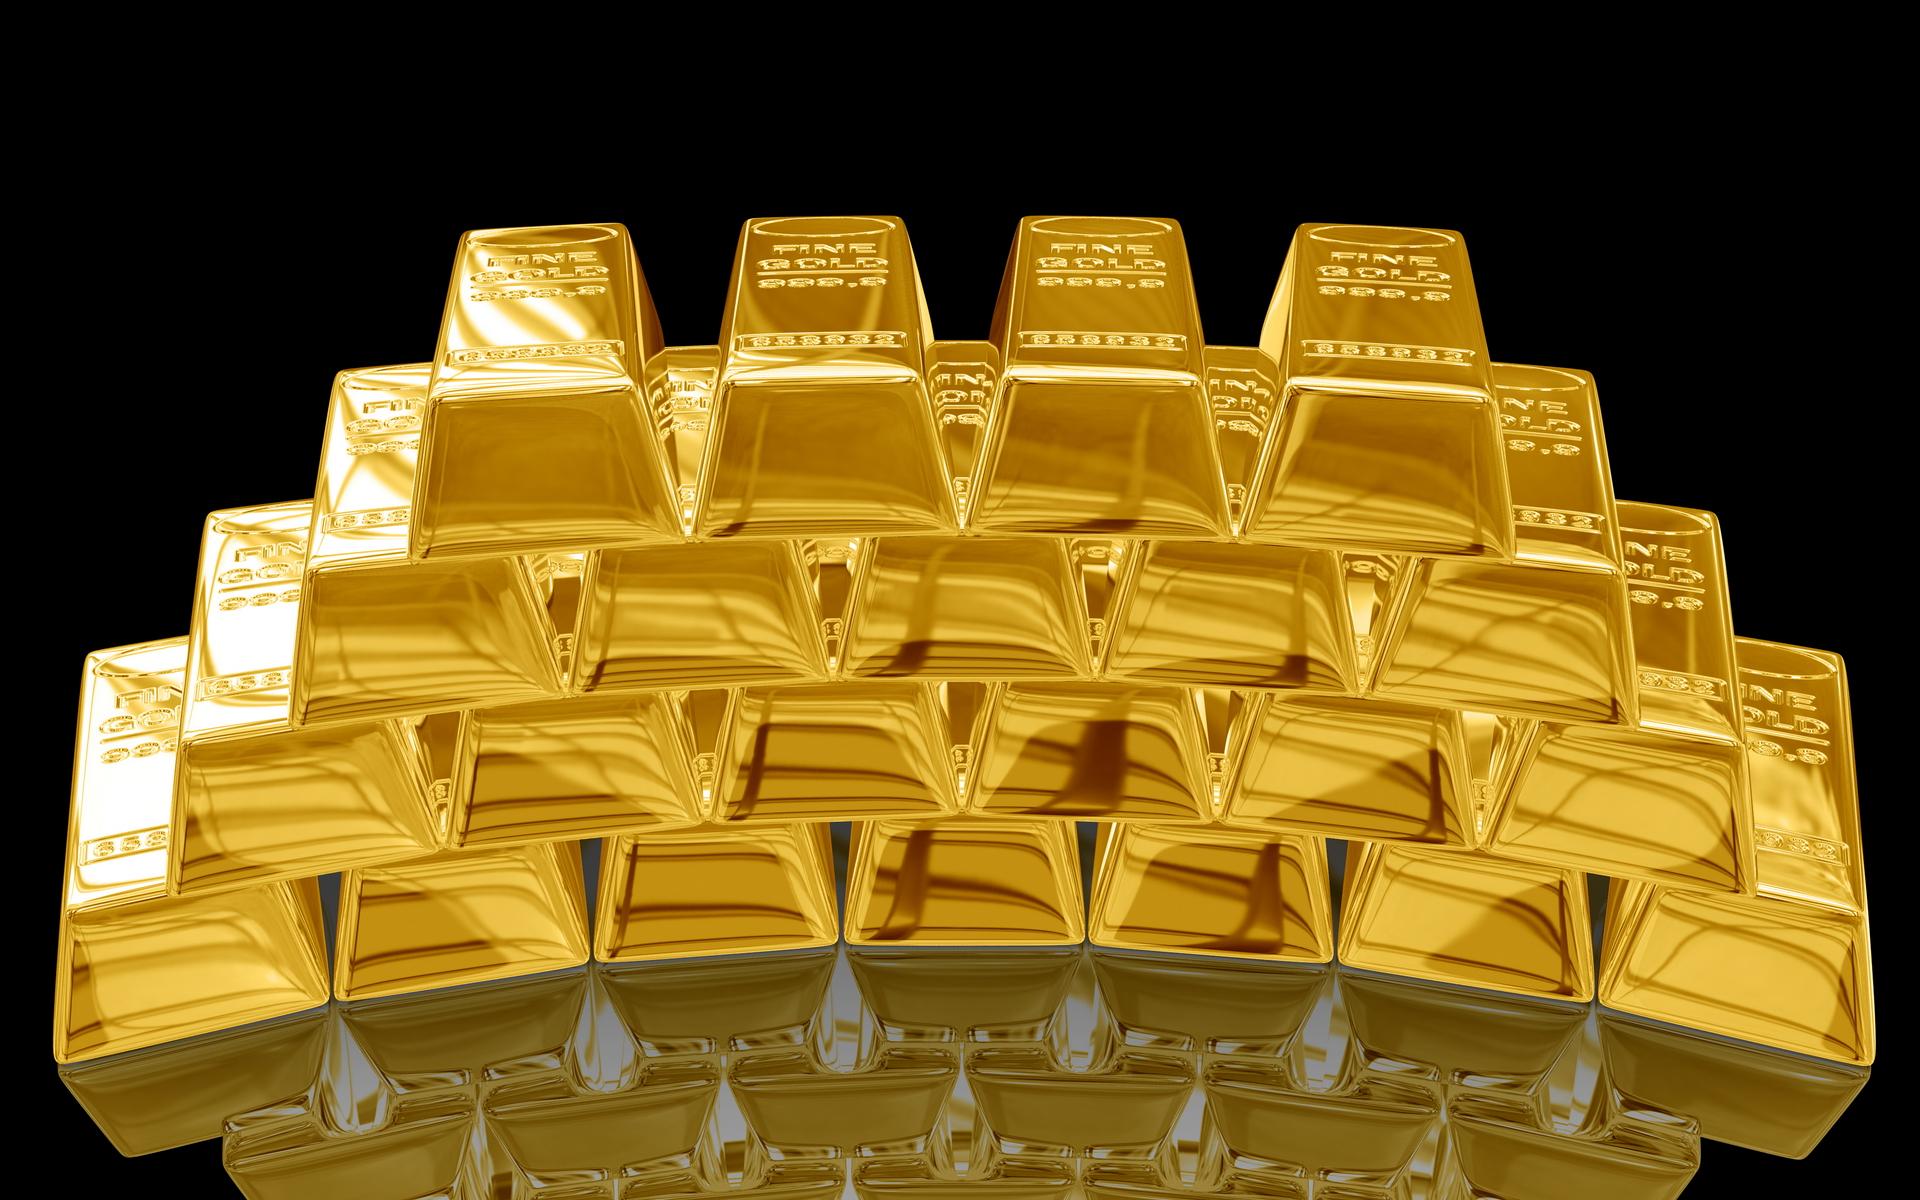 gold, скачать фото, золото, золотые слитки, скачать обои для рабочего стола